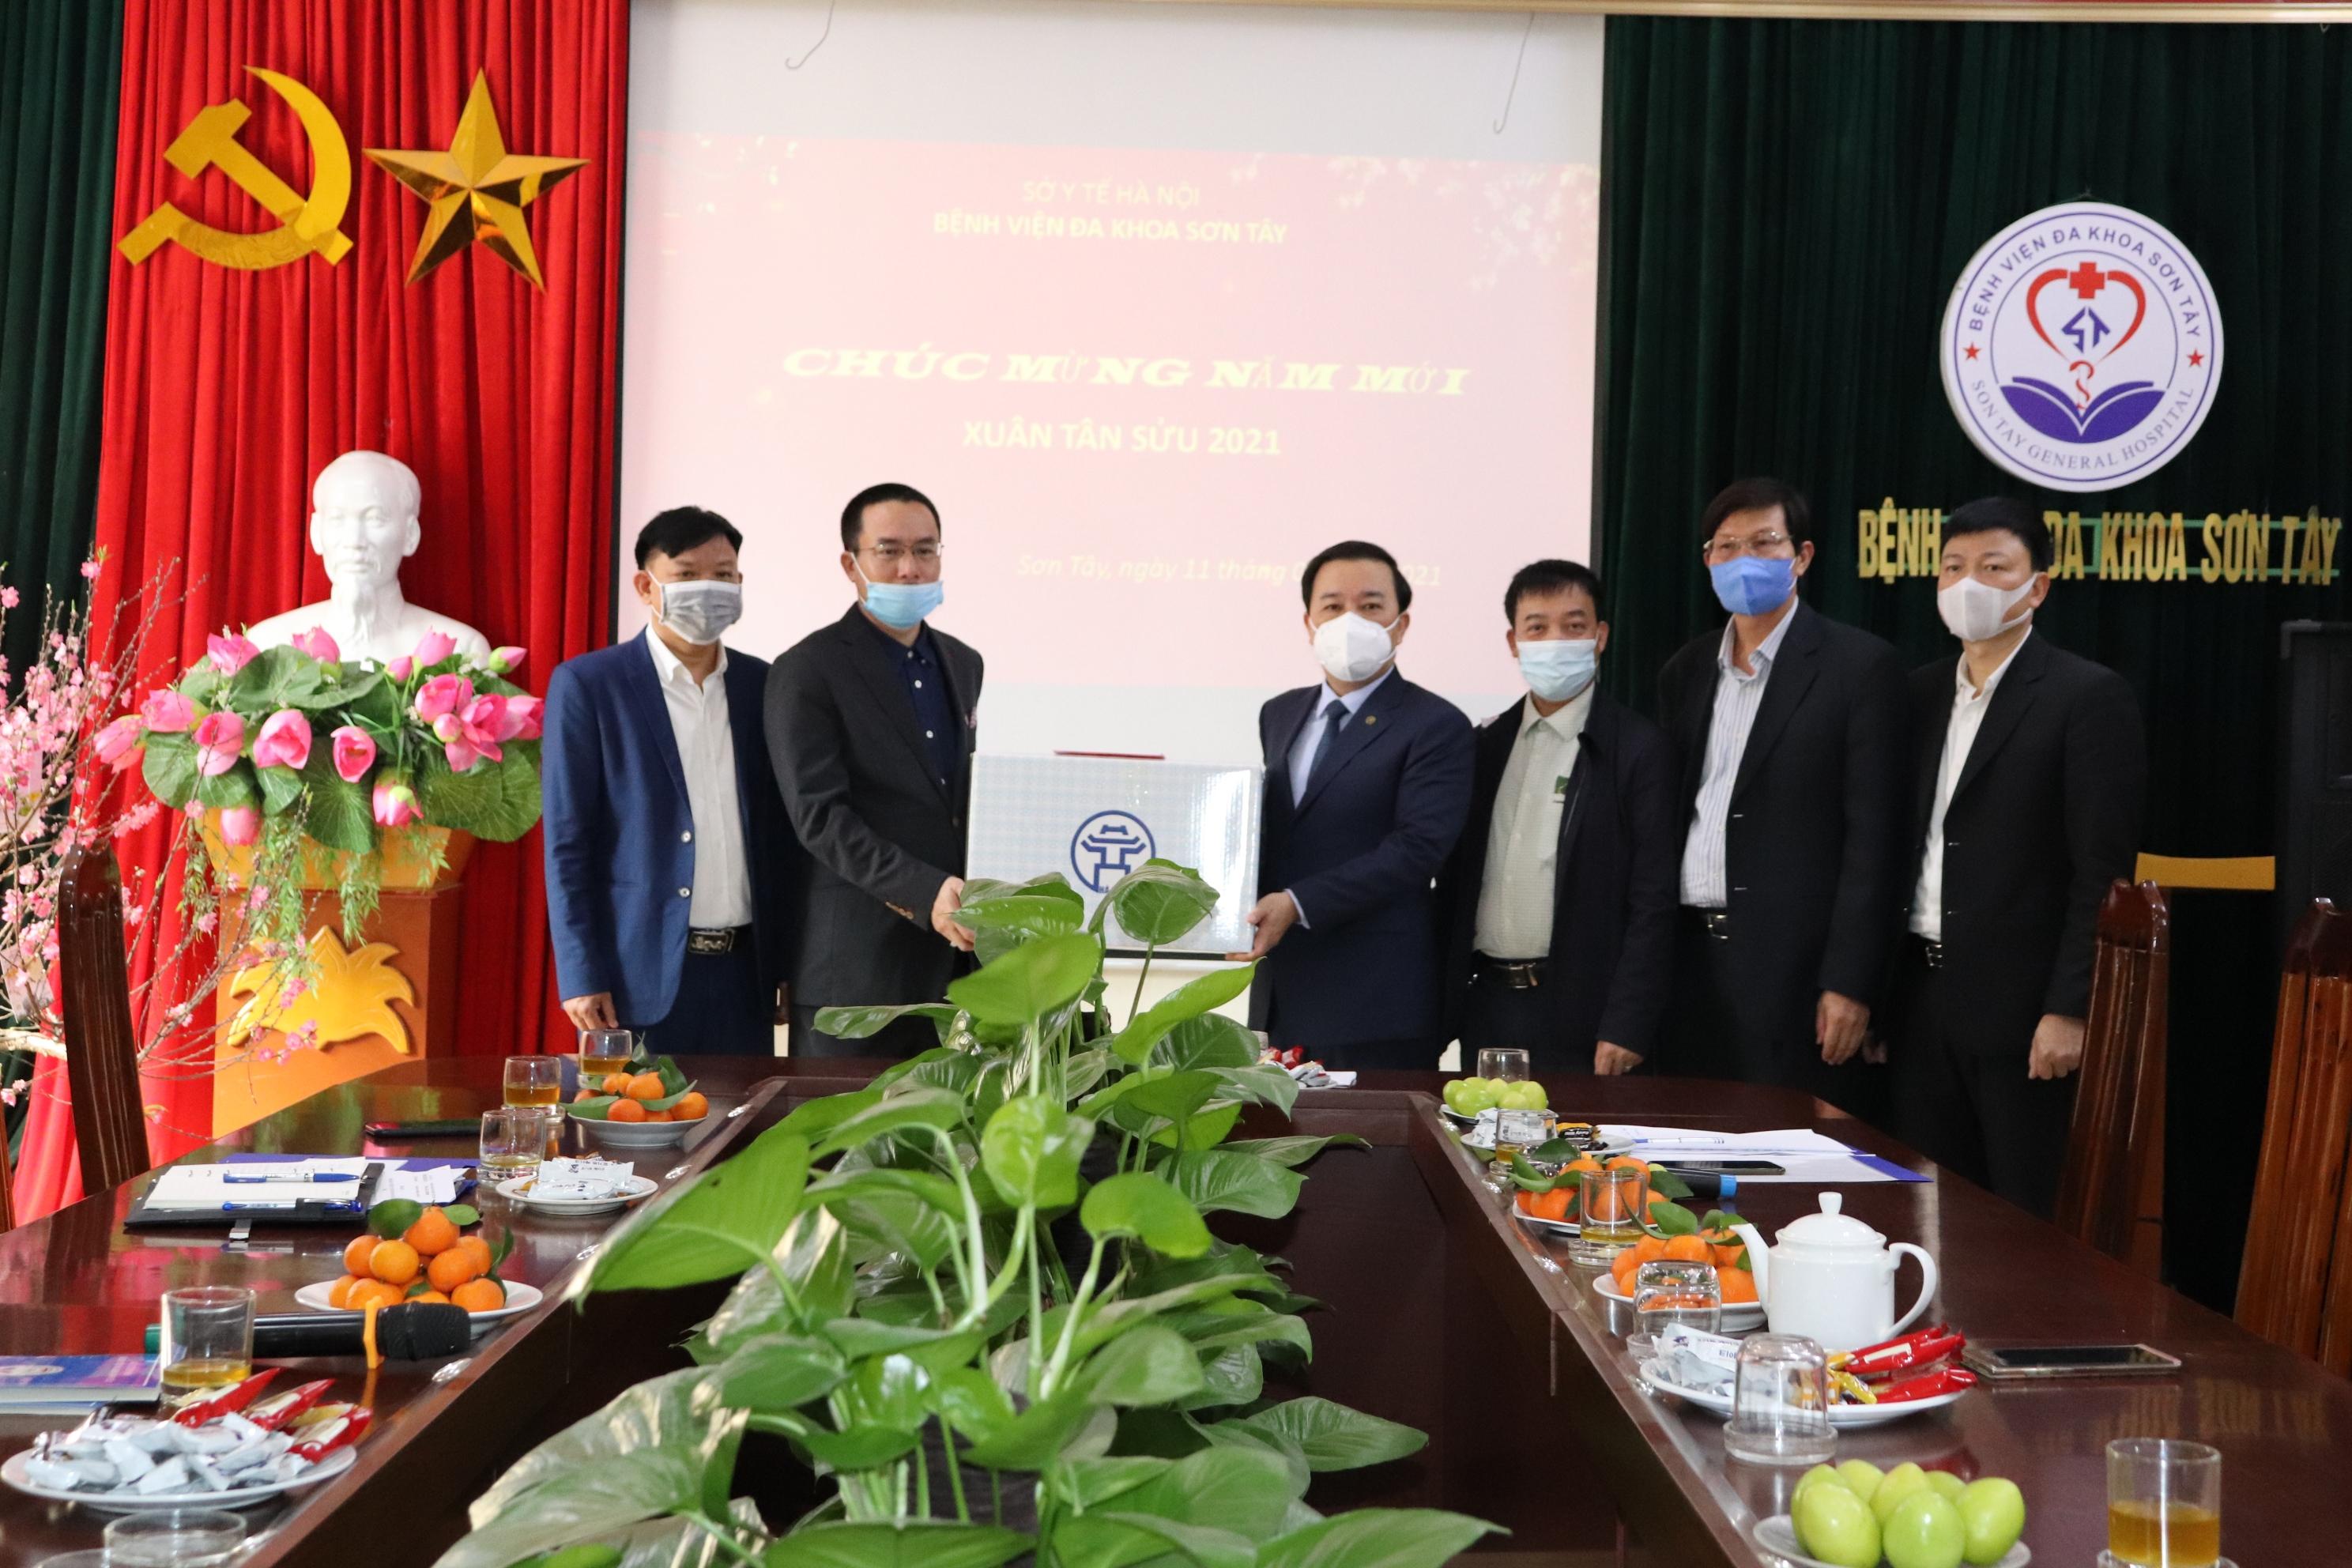 Lãnh đạo Thành phố thăm, chúc Tết bệnh nhân, cán bộ, y bác sĩ Bệnh viện đa khoa Sơn Tây